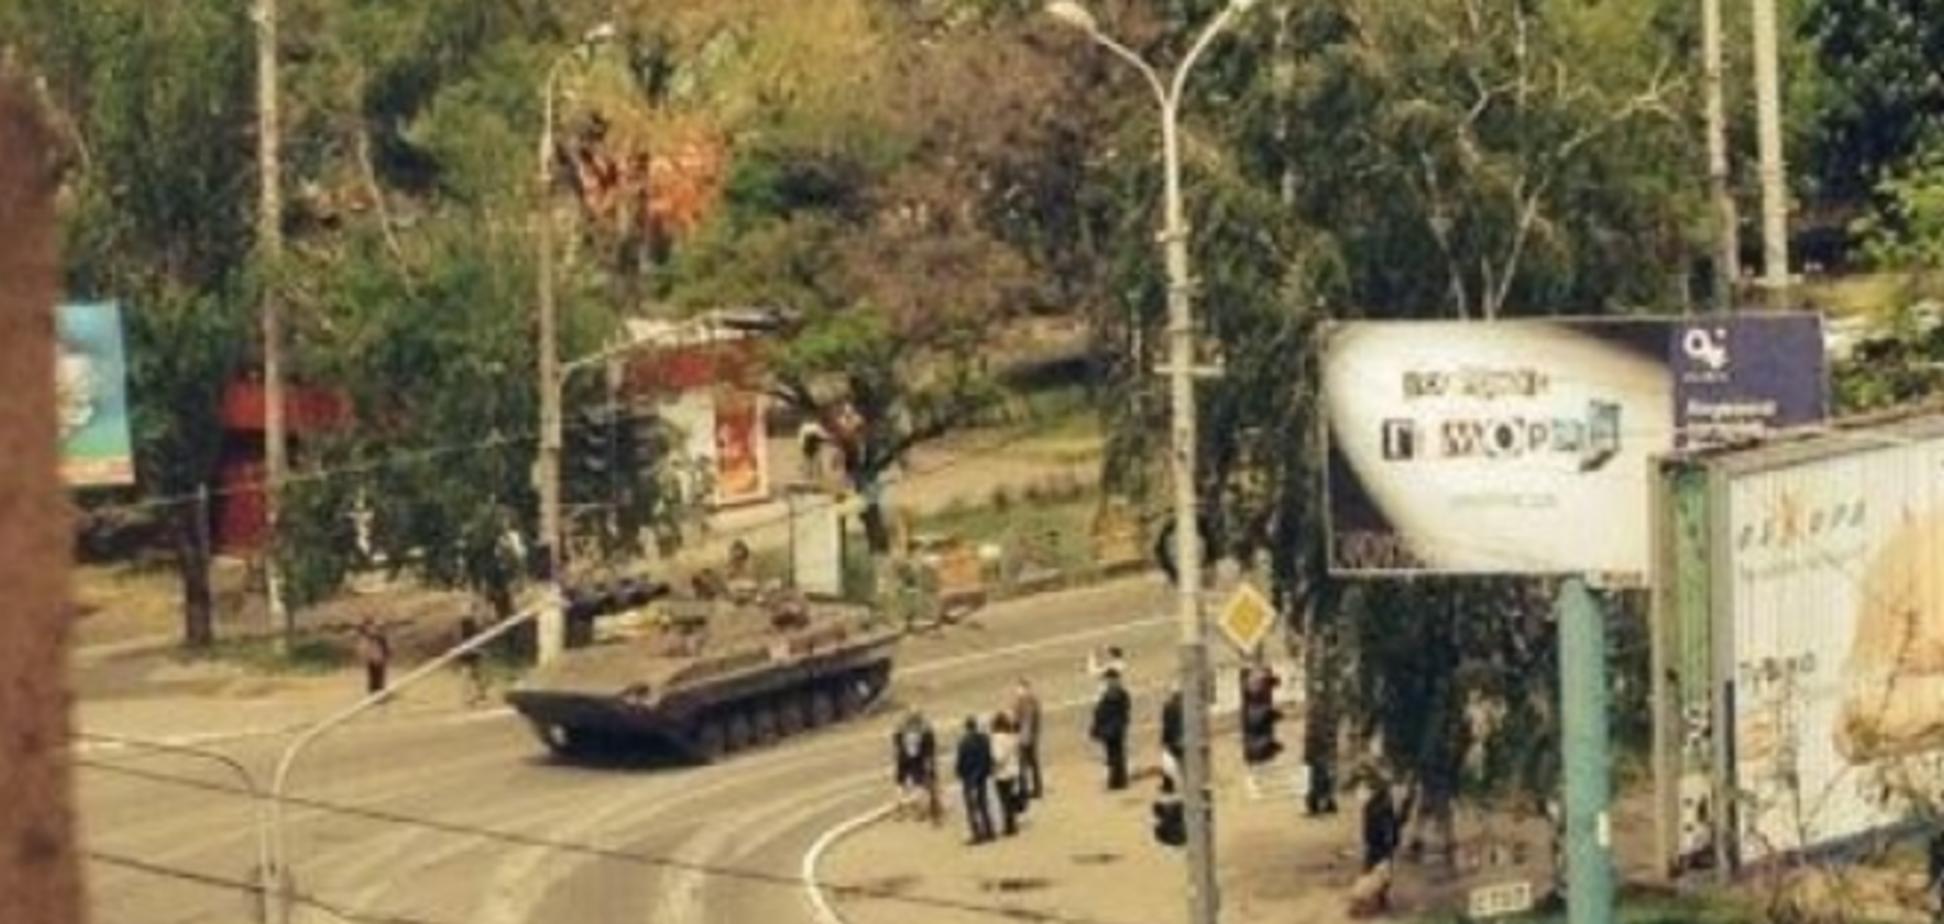 ОГА Донетчины сообщает о семи погибших и 39 раненых в Мариуполе во время АТО